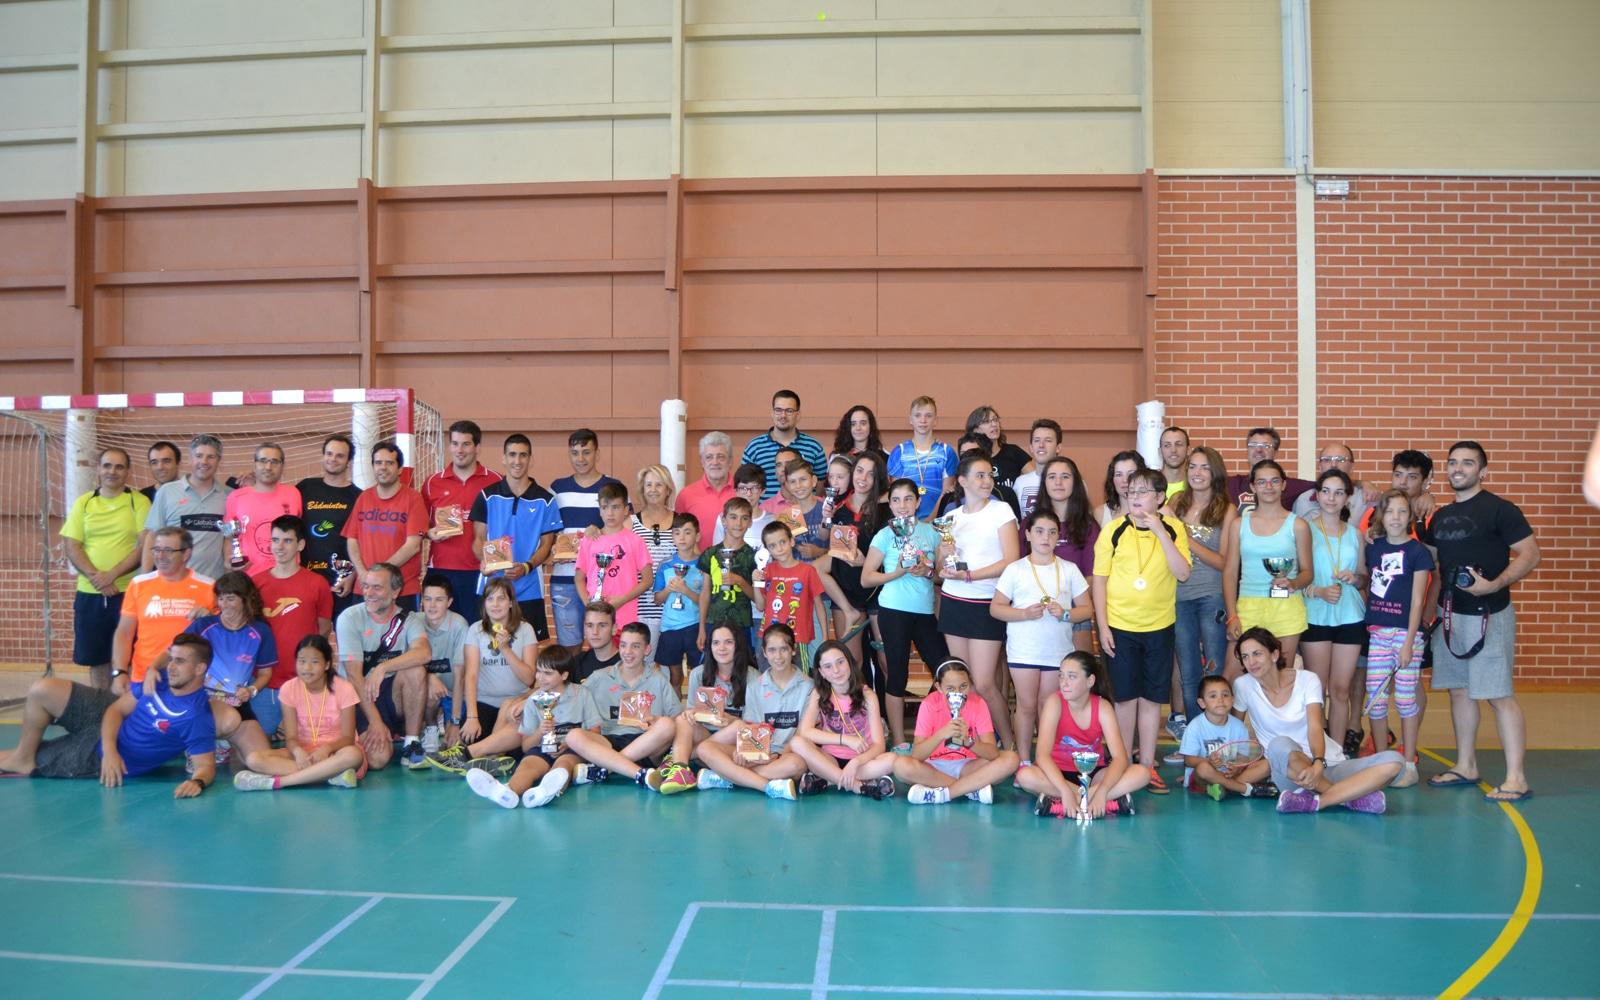 https://blog.globalcaja.es/wp-content/uploads/2017/07/badminton.jpg